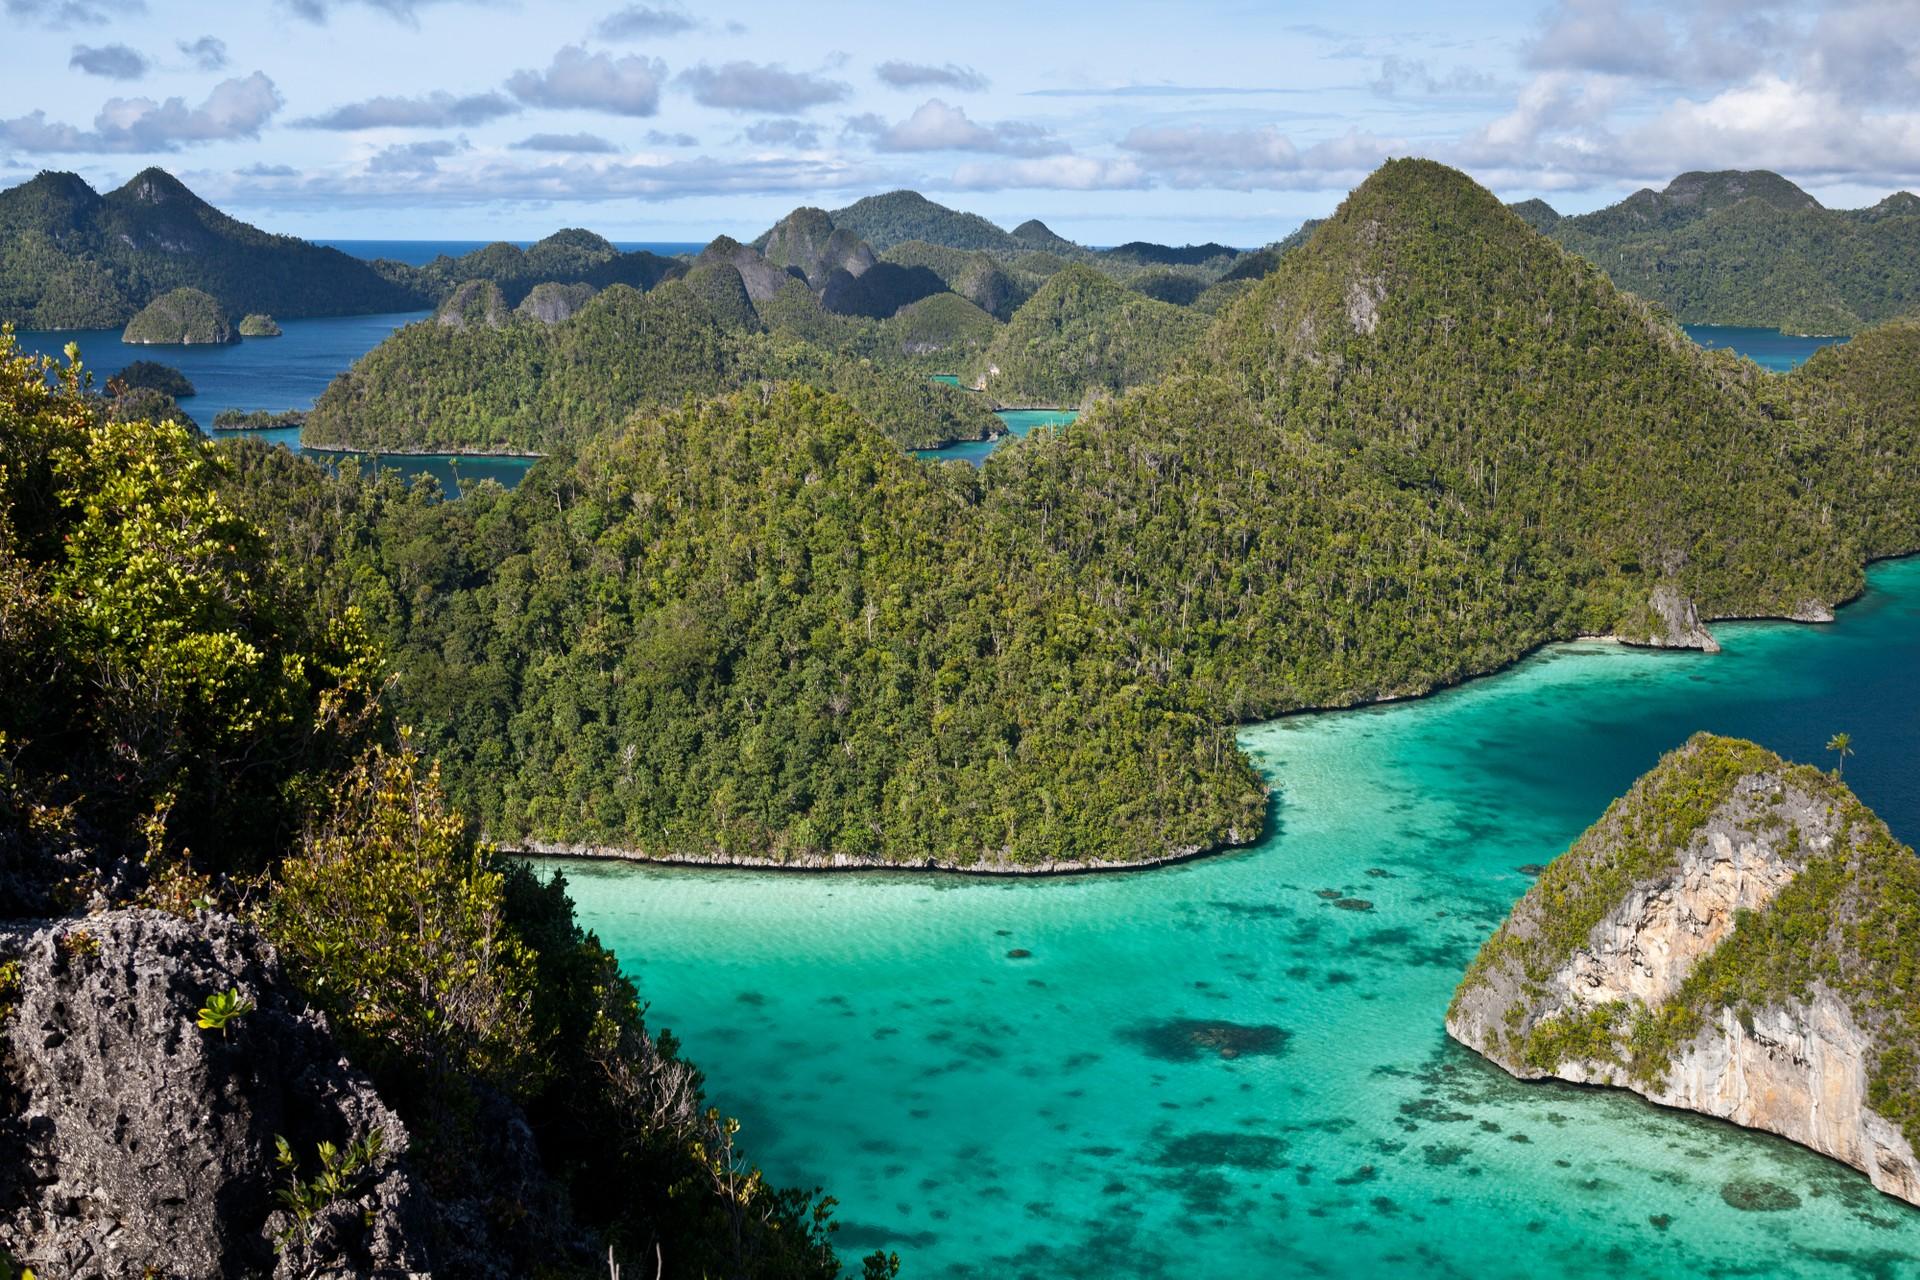 Raja Ampat landscape indonesia